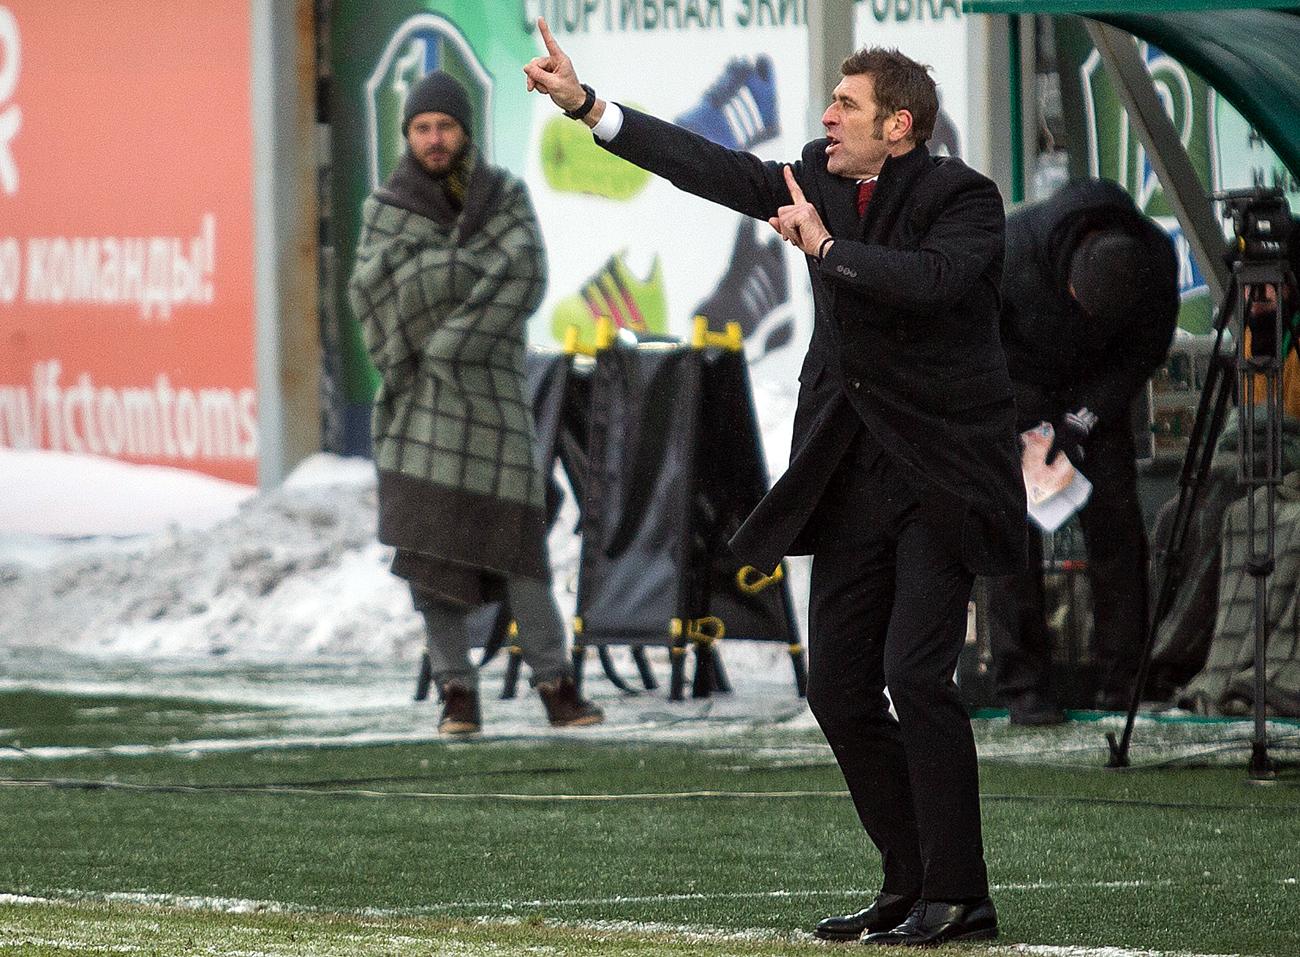 Trener Spartaka Massimo Carrera na tekmi 13. kroga lige ruske Premier lige 2016/17 med kluboma CSKA Moskva in Amkar Perm. Vir: Aljona Kardaš/RIA Novosti